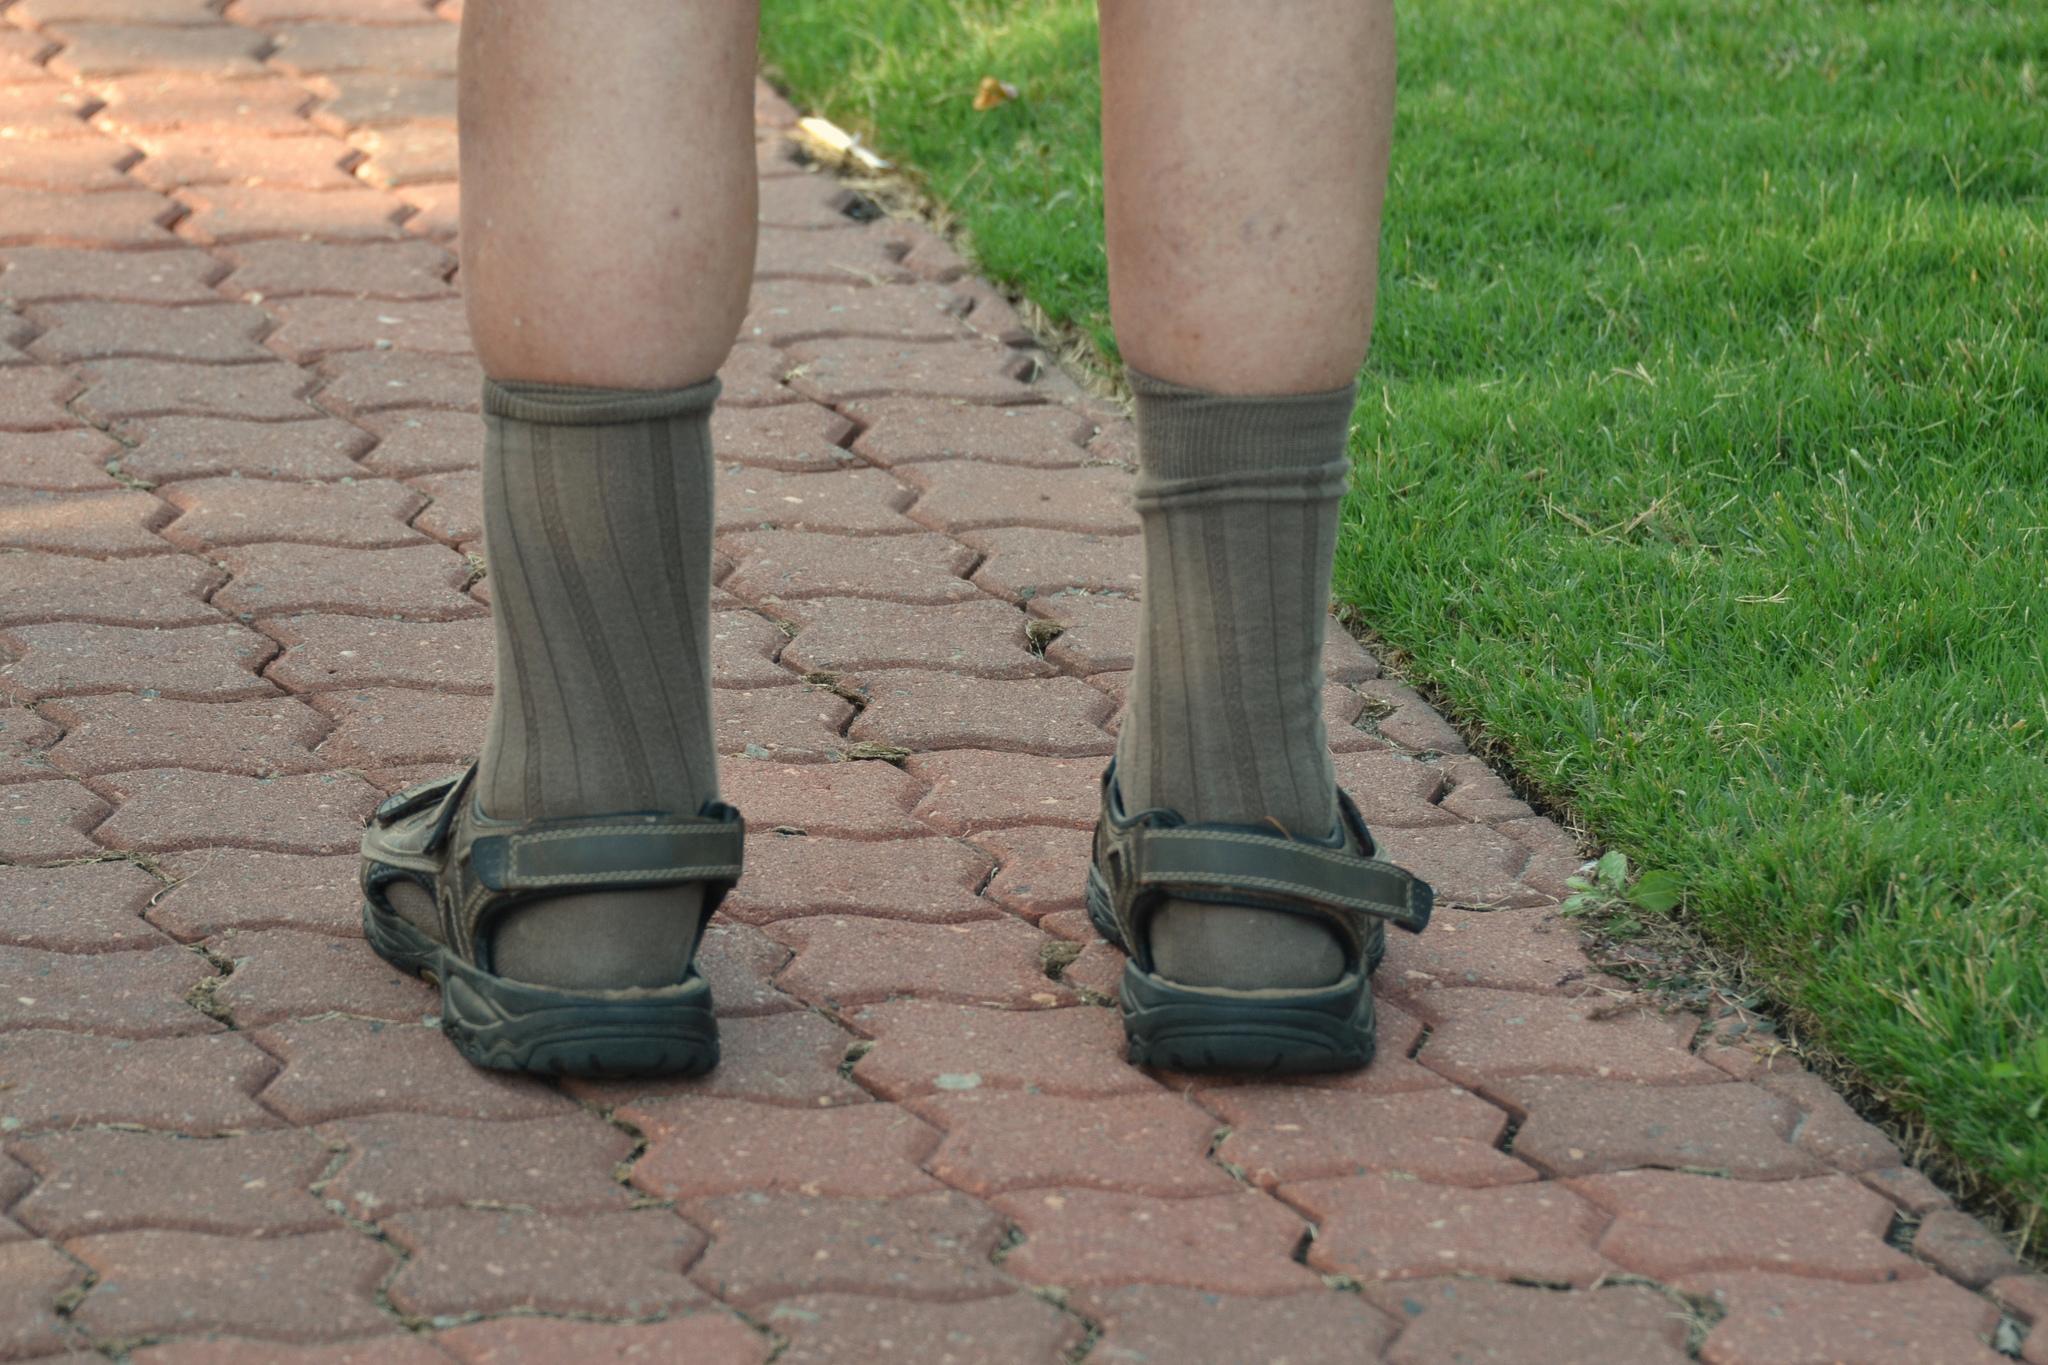 Herren Sandalen - Der Horror auf Socken